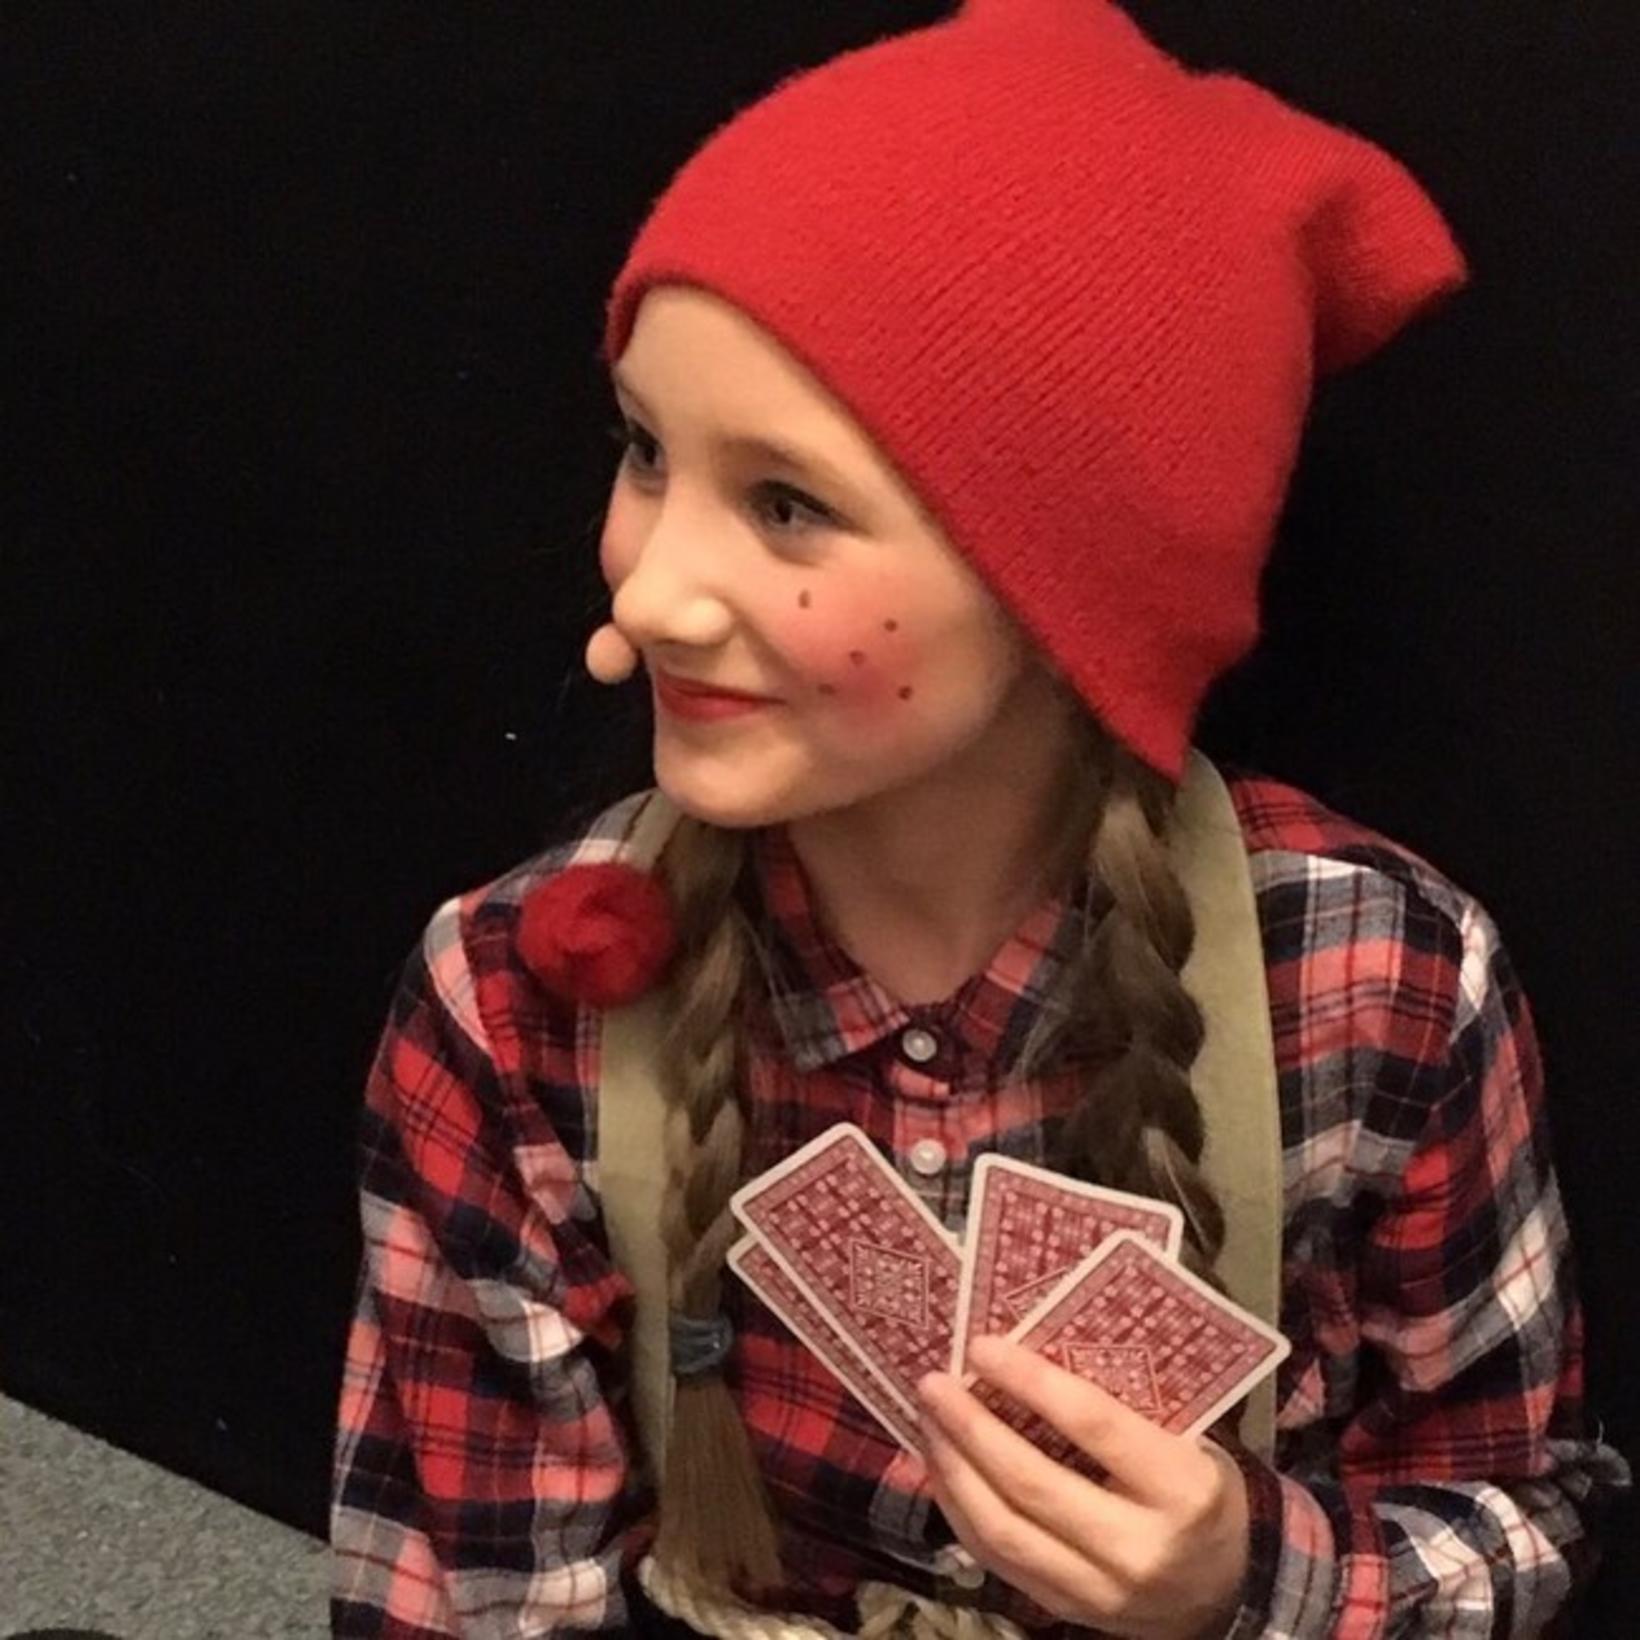 Kristine Sølvberg Hagen, 13 ára gömul leikkona sem fer með …